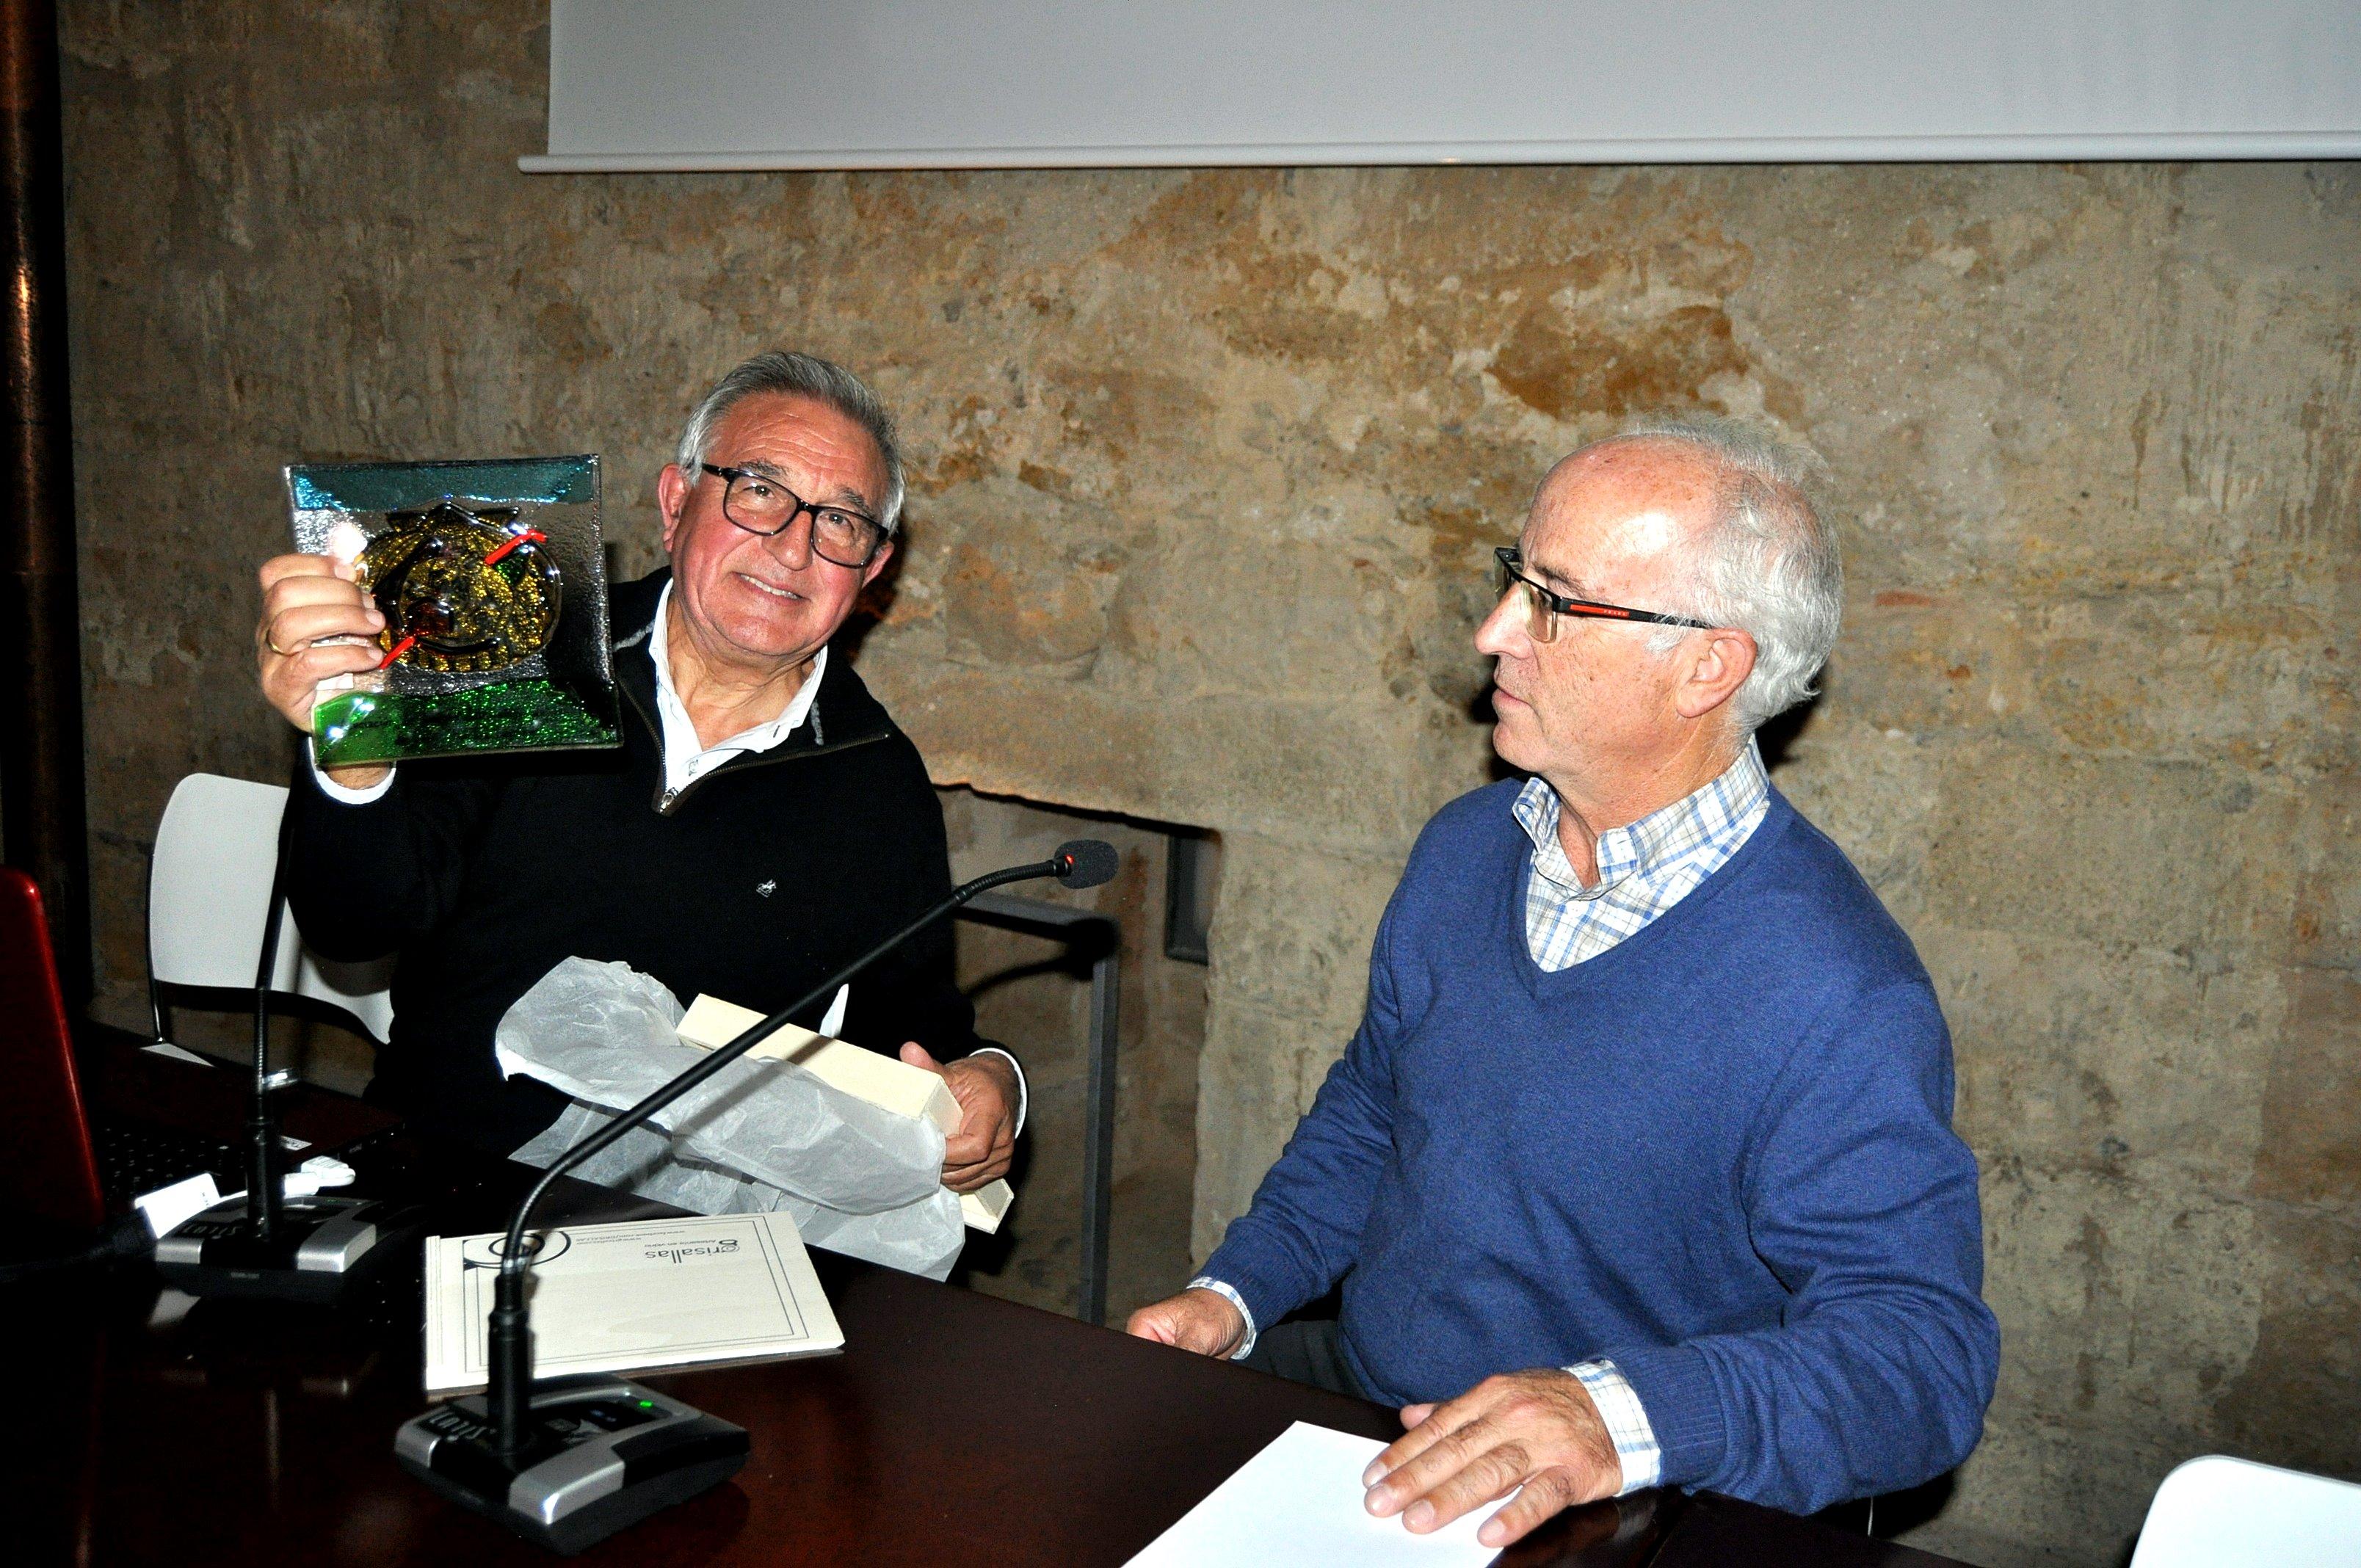 Víctor Ferrero recibe un recuerdo con el emblema de la Asociación de Amigos del Camino de Santiago.